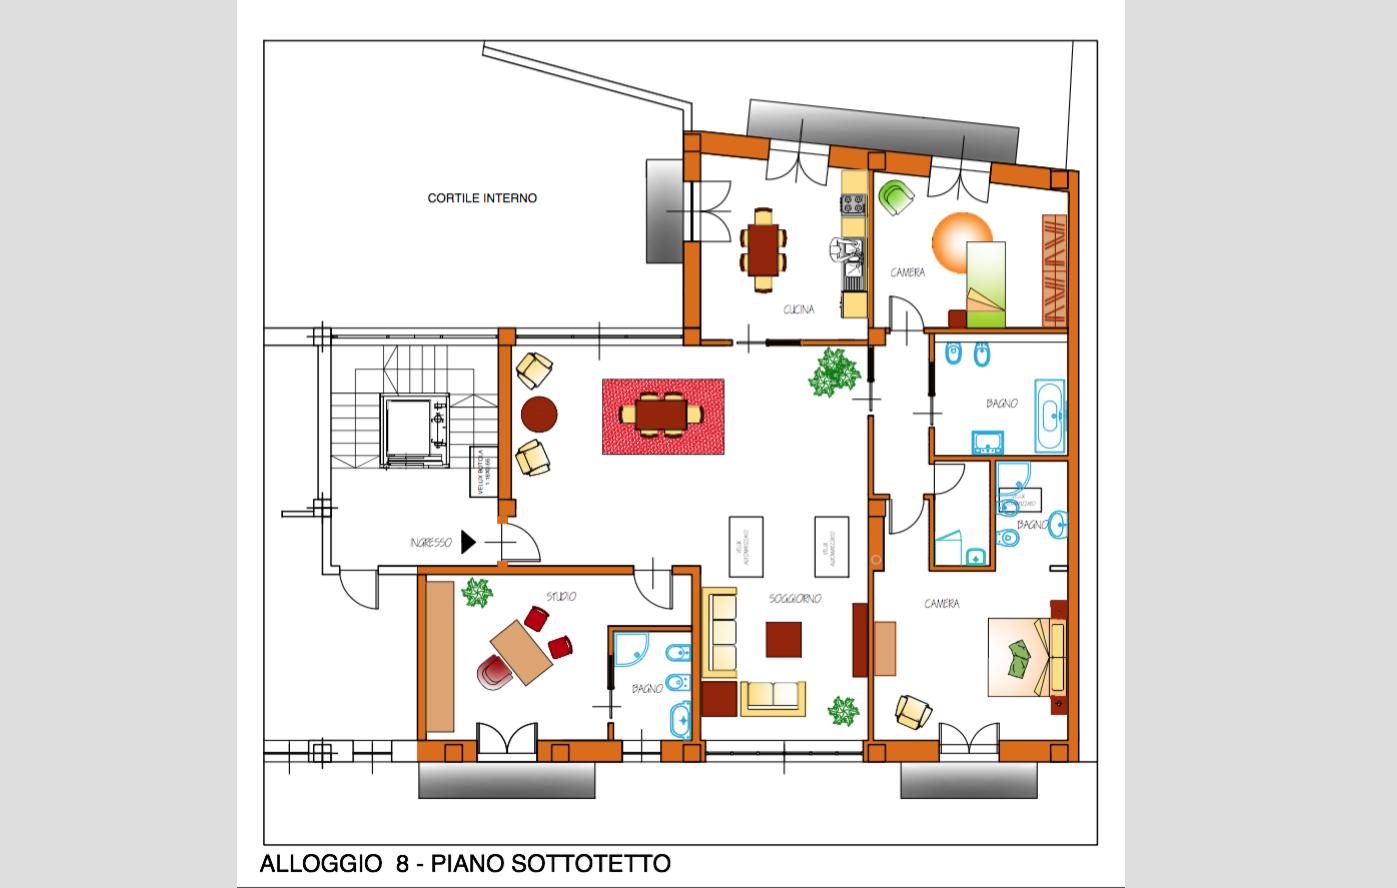 Appartamento cinque locali con due Bagni e studio a Caluso